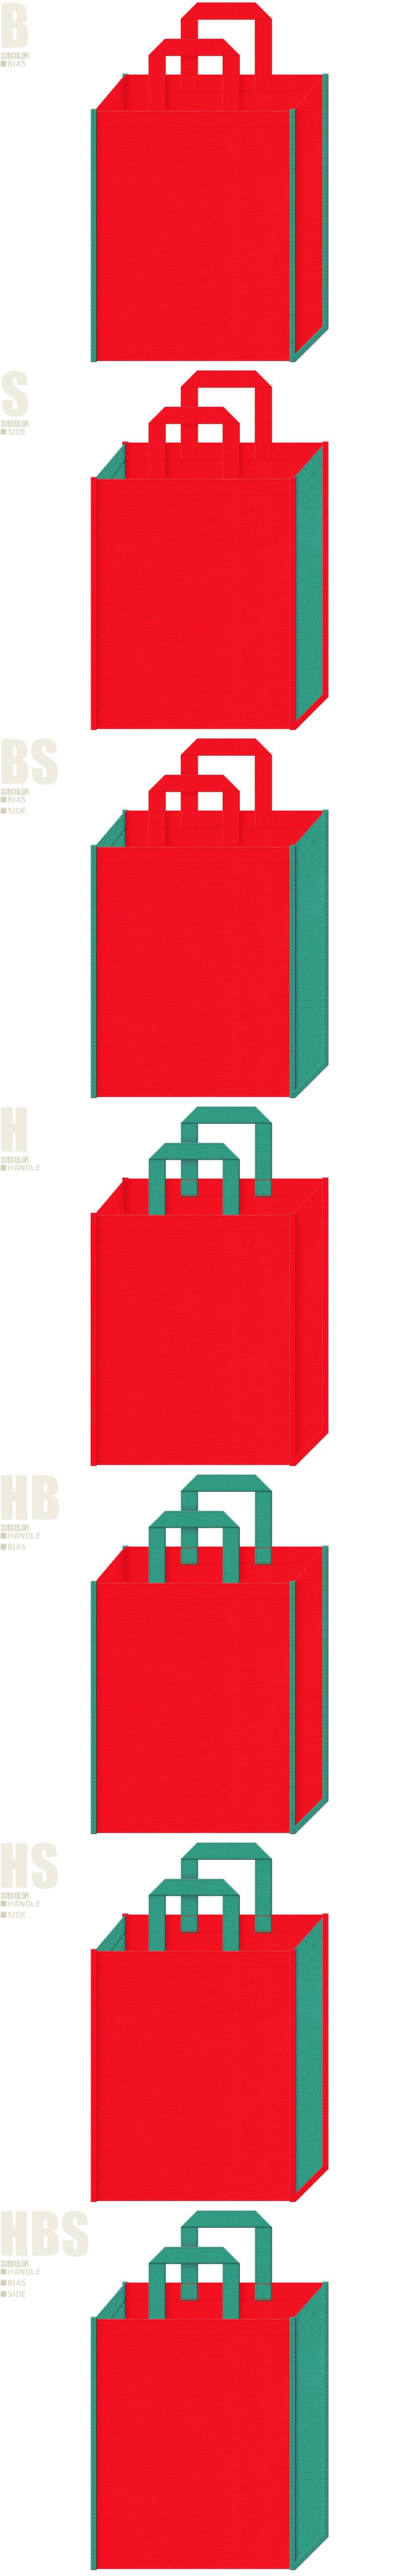 不織布バッグのデザイン:赤色と青緑色の配色7パターン